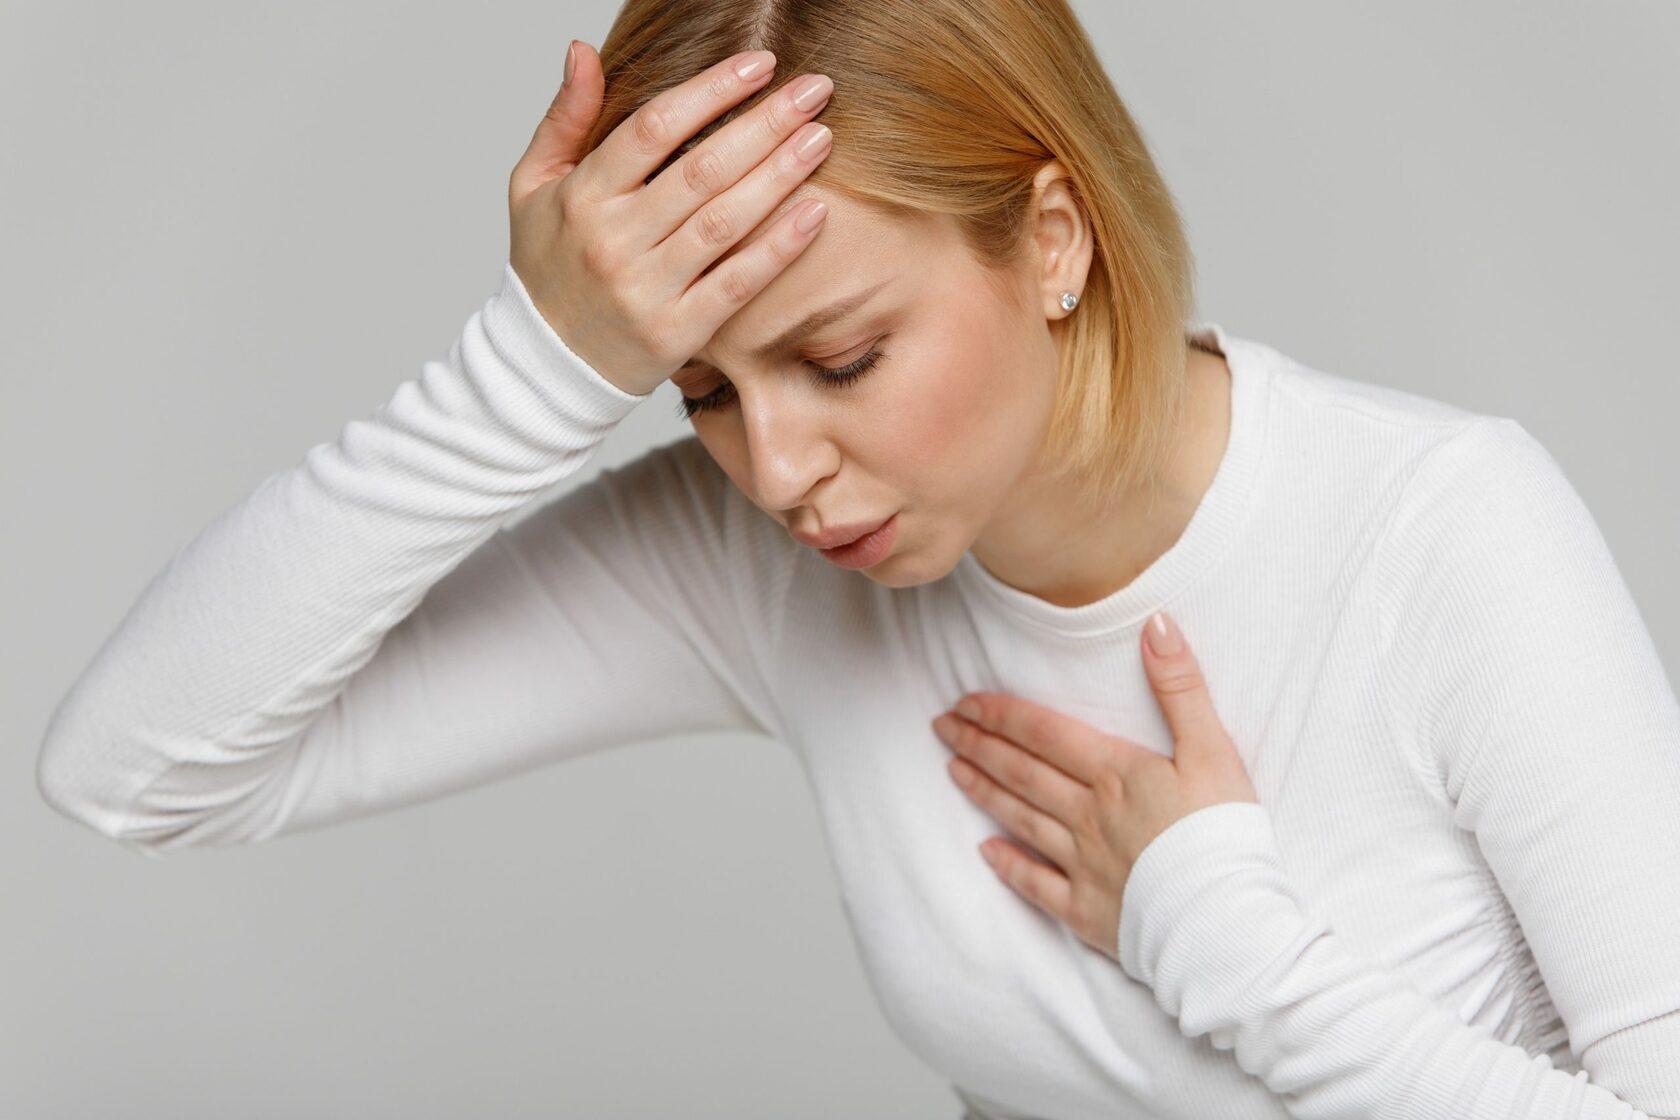 головокружение и боль в груди